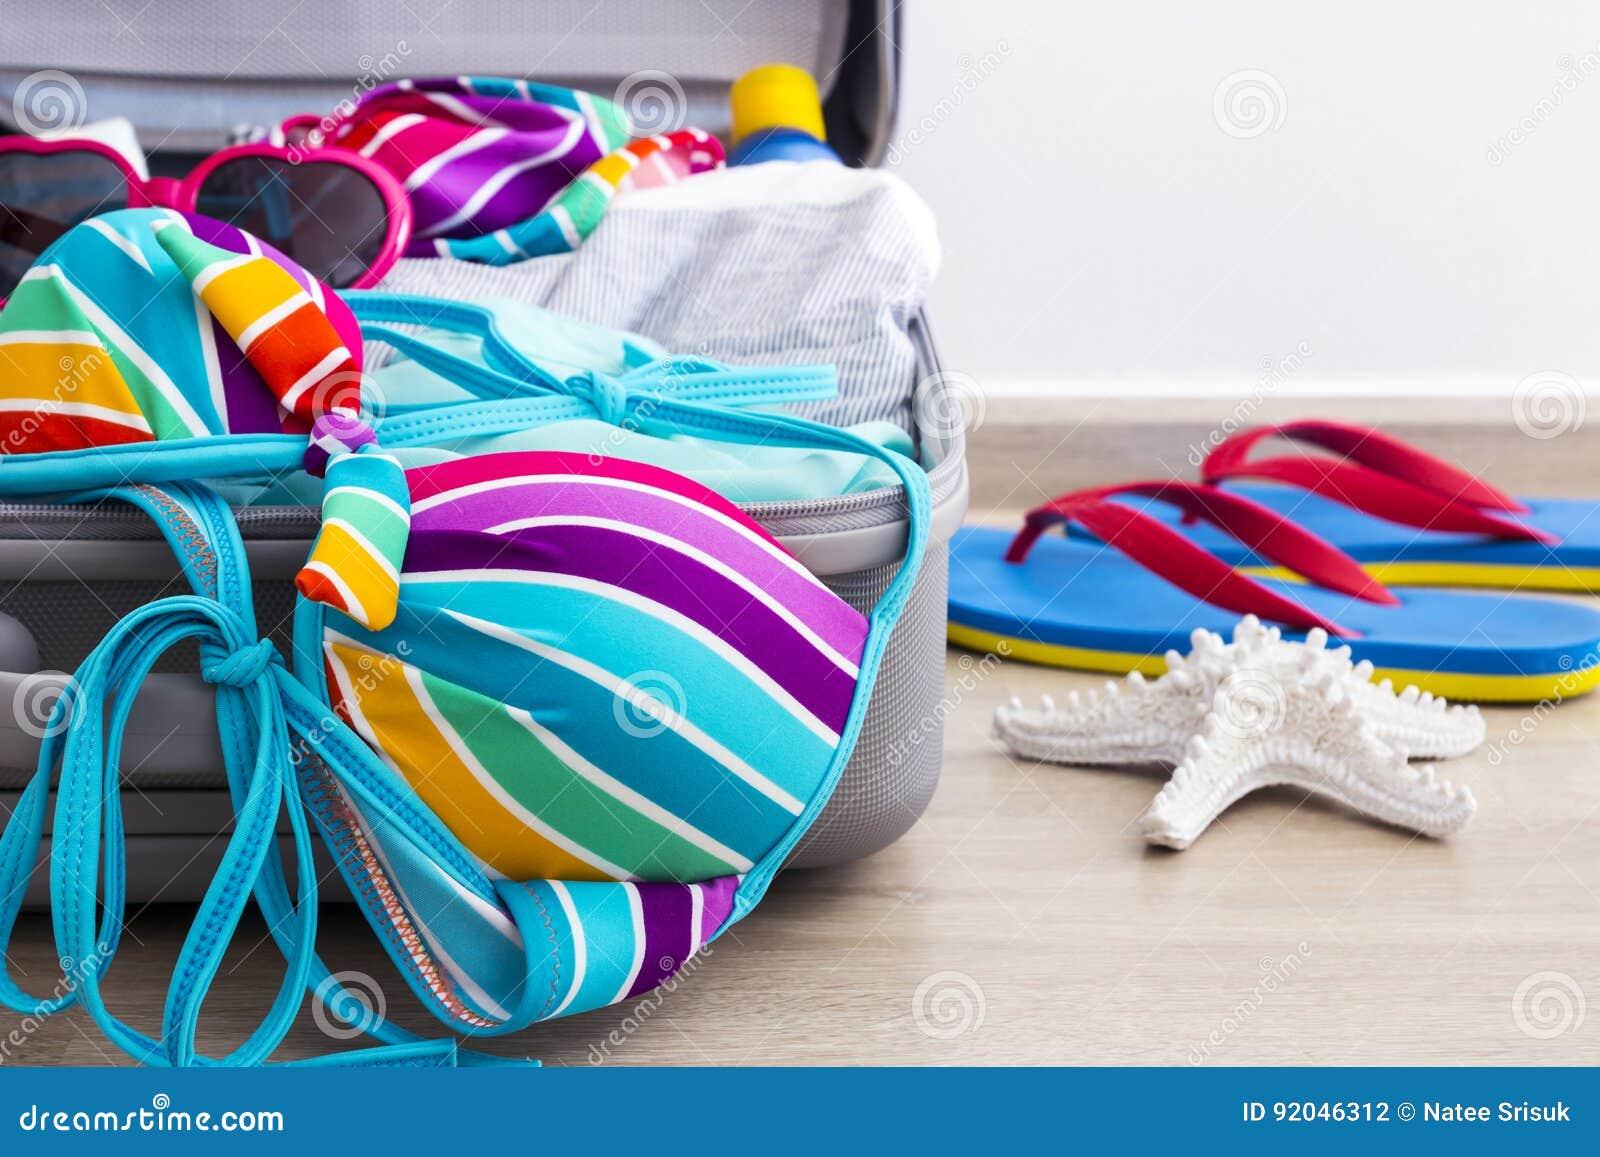 Bikini y ropa coloridos en equipaje en el piso laminado